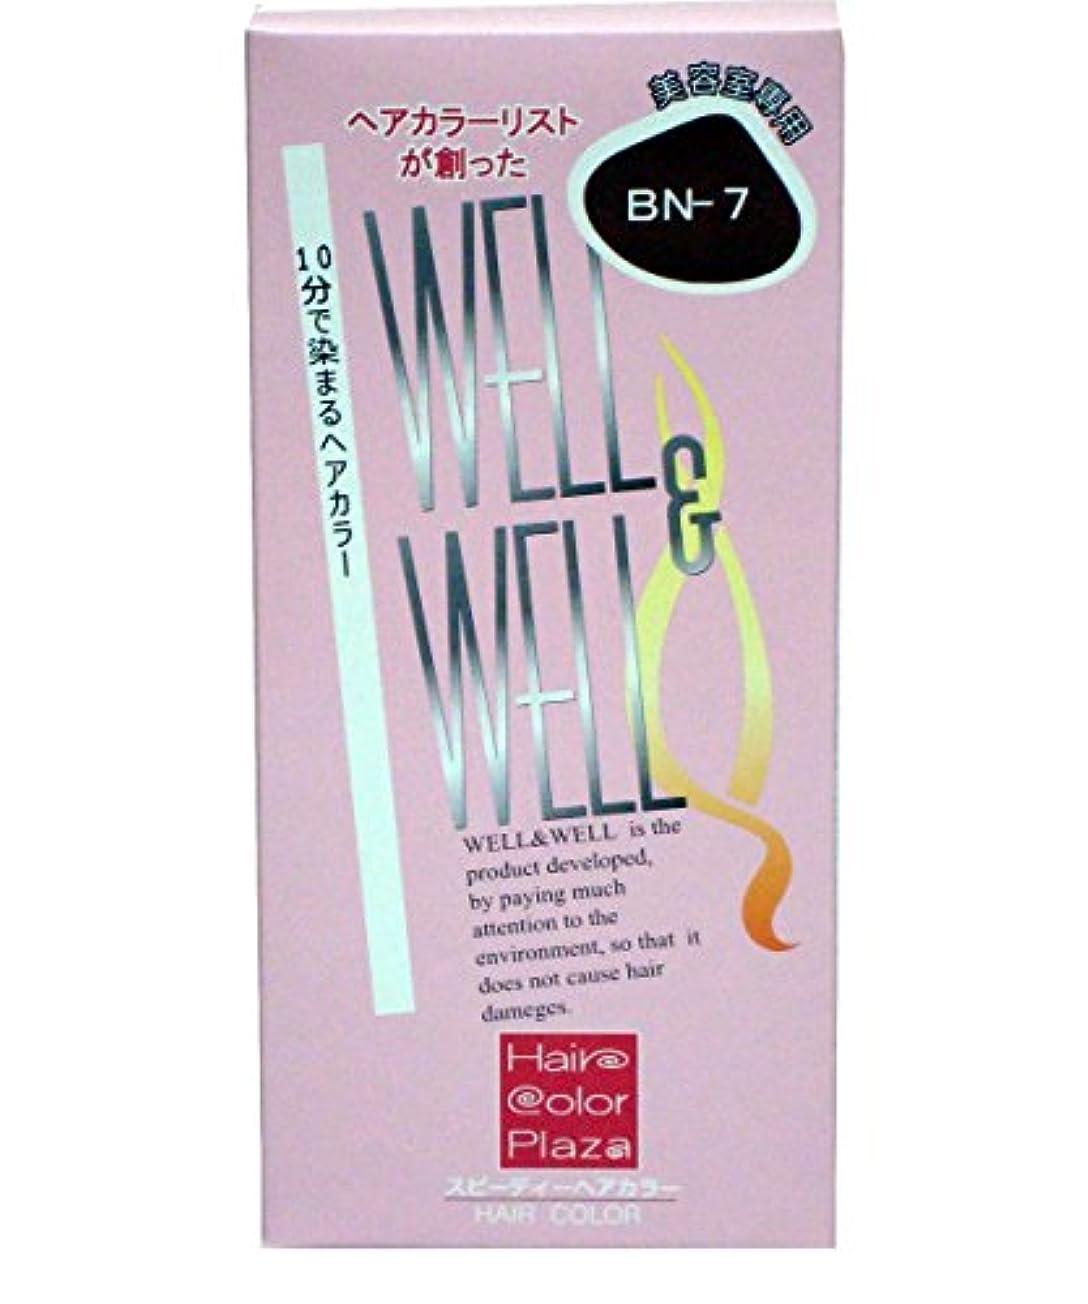 人気解く価値【美容室専用】 ウェル&ウェル スピーディヘアカラー ナチュラルブラウン BN-7